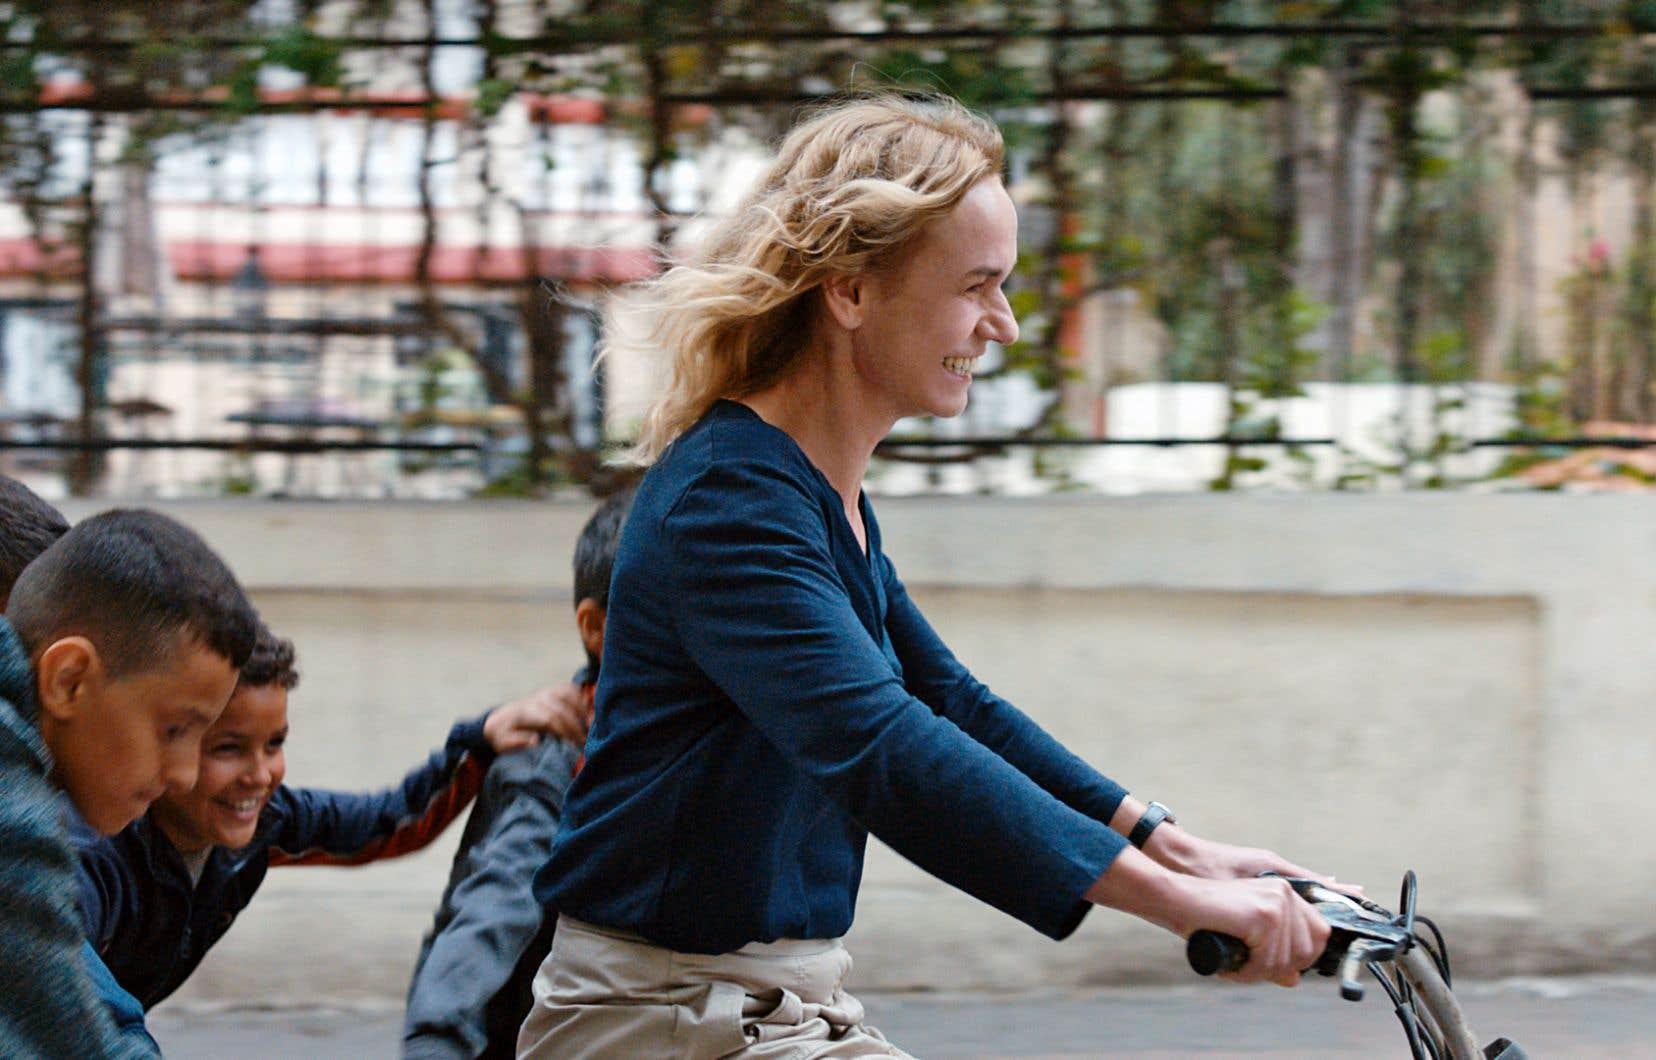 Sous les traits de Sandrine Bonnaire, Édith s'impose comme une héroïne forte.